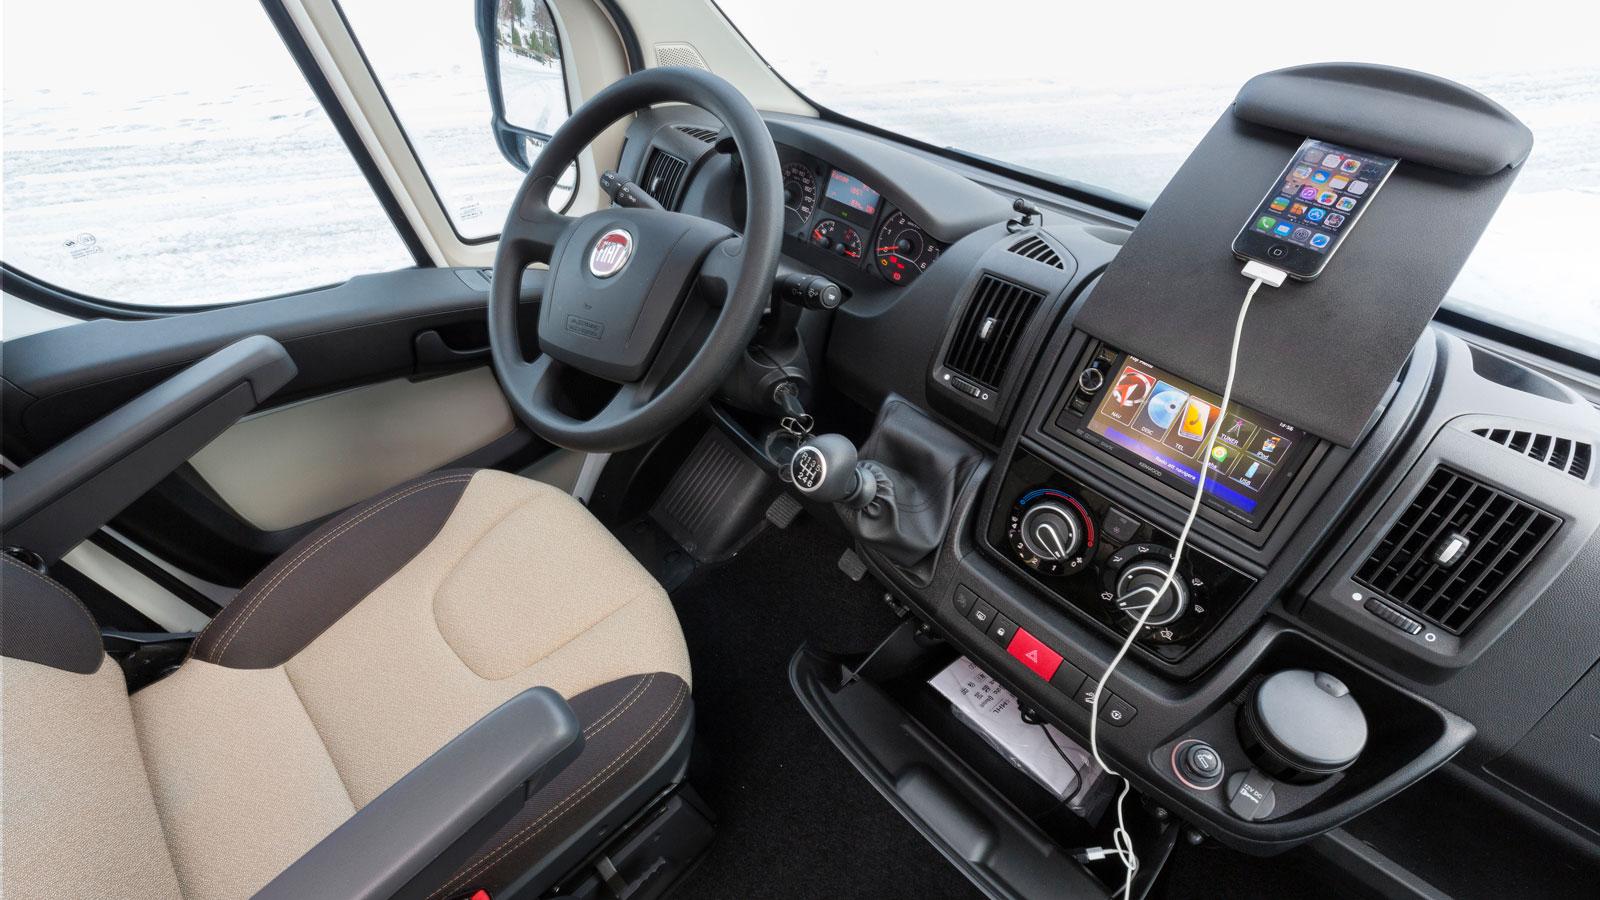 Praktiskt med Fiats nya hållare för telefoner eller kartor. Multimediapaketet är testbilens enda tillbehör.